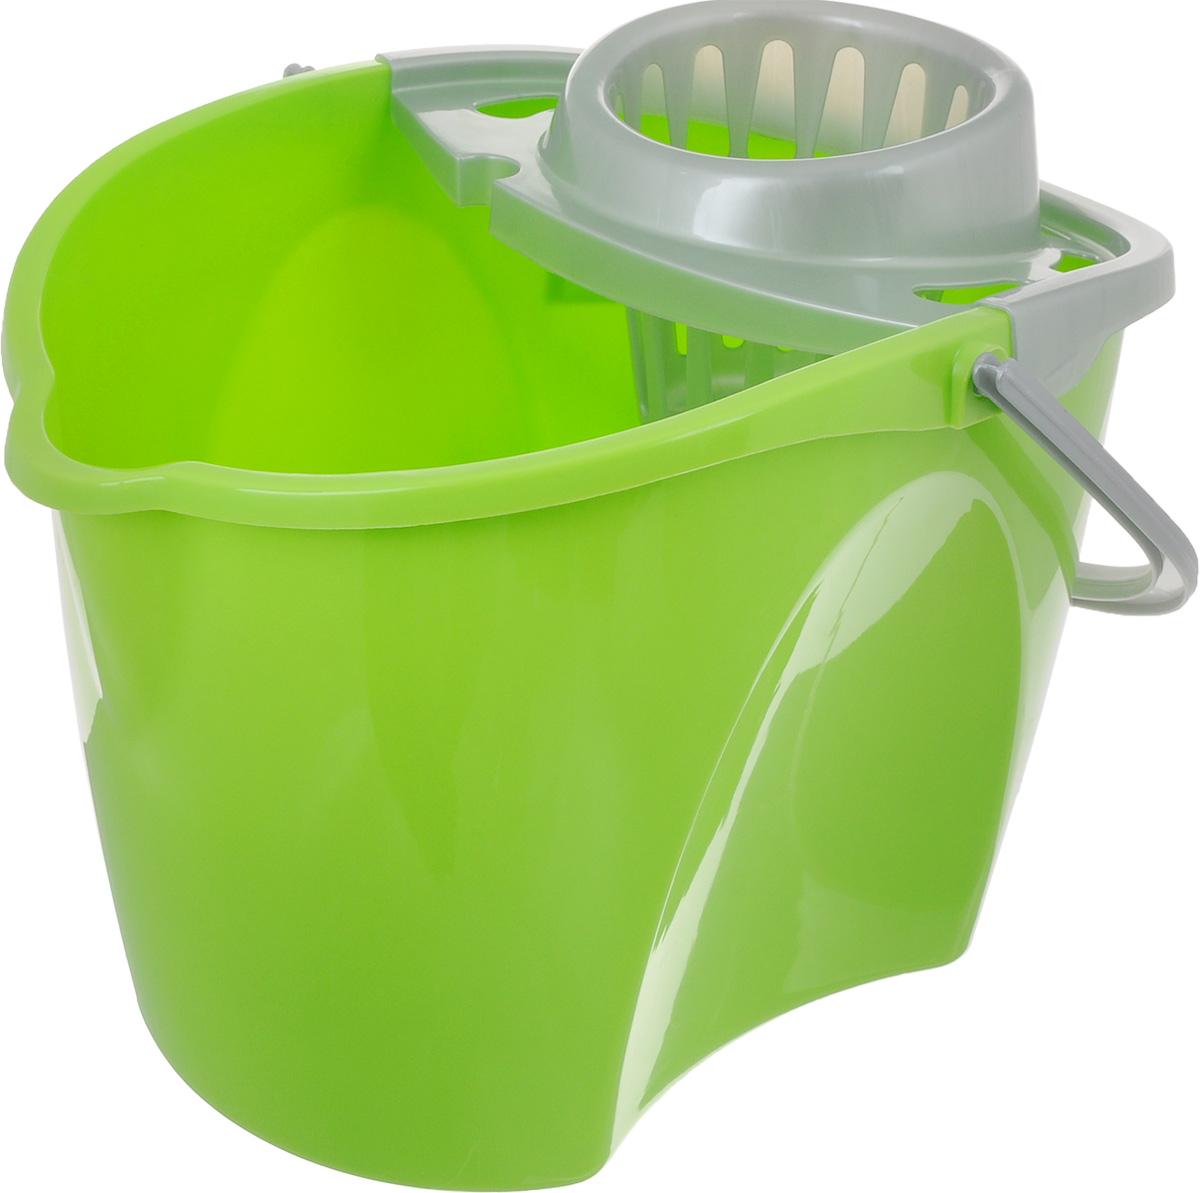 Ведро Paclan Green Mop с отжимом, 12 лES-412Ведро с отжимом Paclan Green Mop, изготовленное из высококачественного прочного пластика, оснащено съемной вставкой для отжима швабры и удобной ручкой для переноски. Такое ведро пригодится в каждом доме, а стильный дизайн сделает его желанным для любой хозяйки.